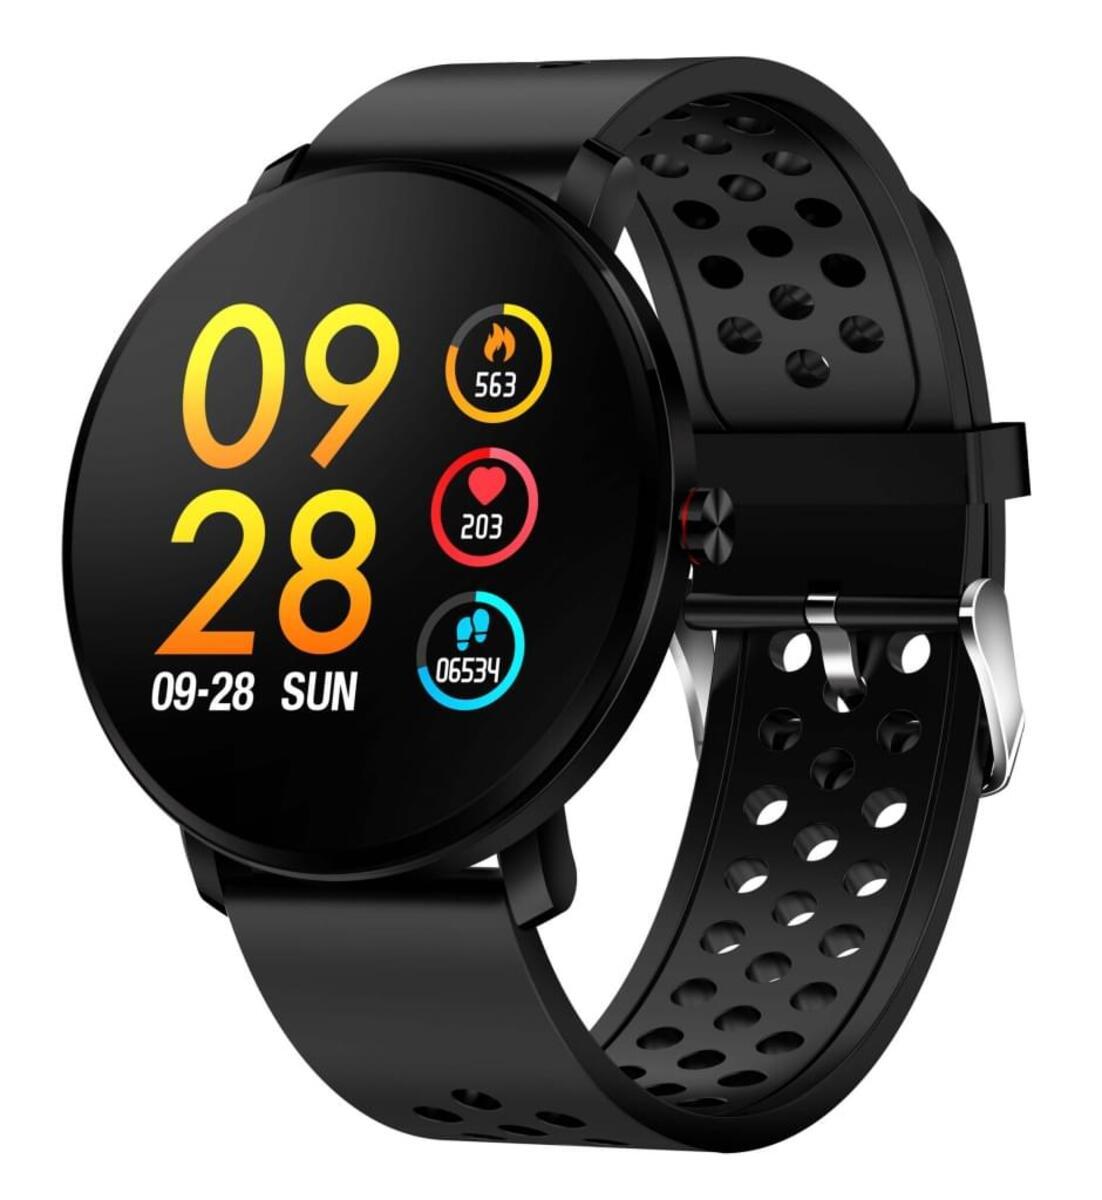 Bild 1 von Denver Smartwatch SW-171, Bluetooth, Touchscreen, Farbe: Schwarz